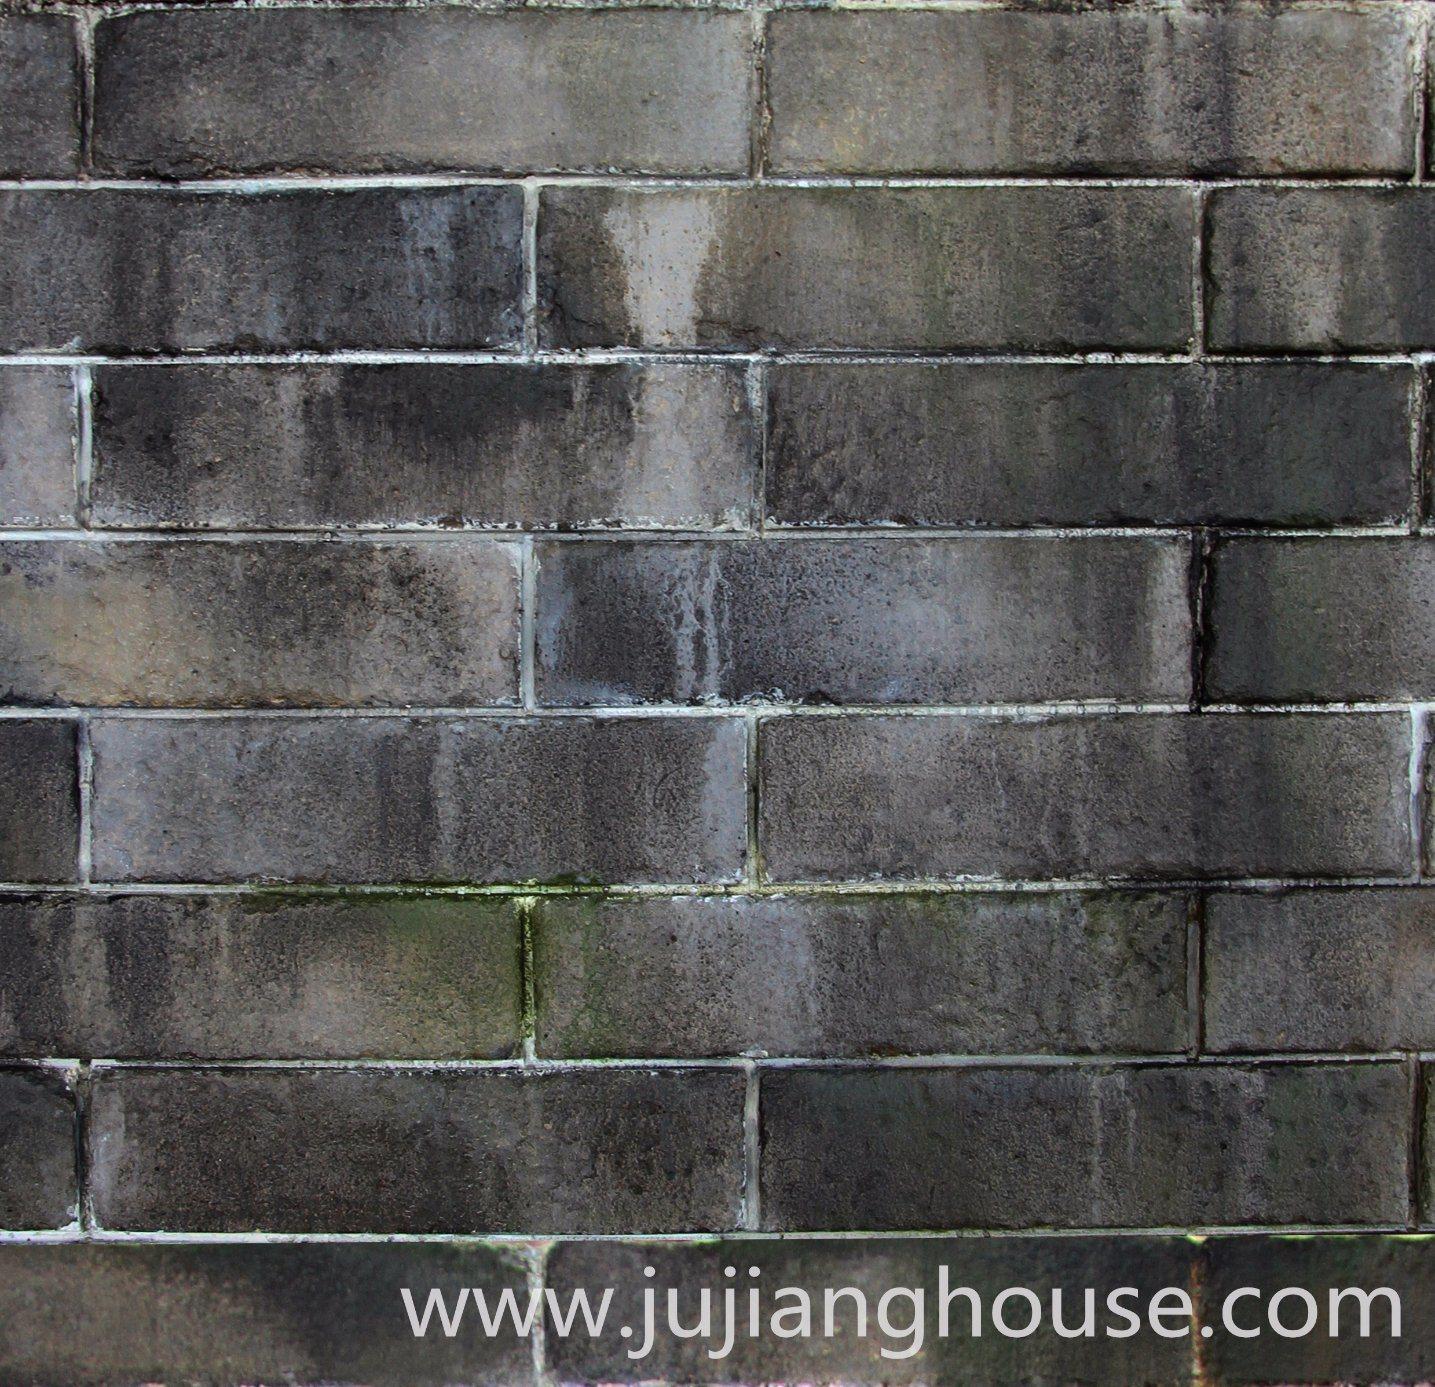 Foto de fachada exterior de ladrillos de piedra de cemento - Piedra para fachada exterior ...